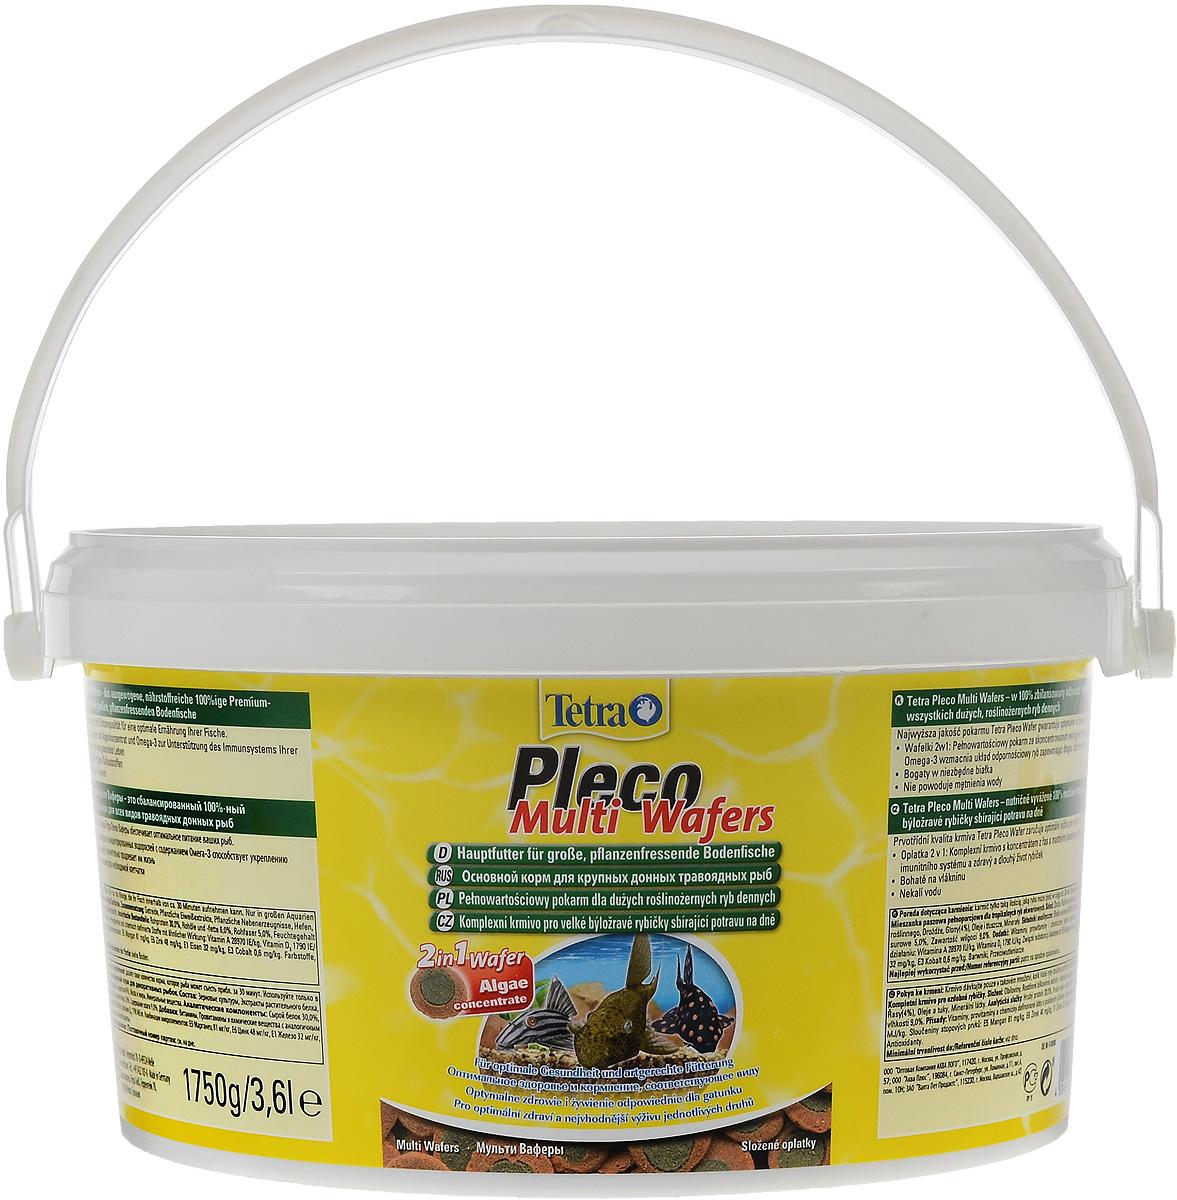 Корм Tetra Pleco. Multi Wafers для крупных травоядных донных рыб, пластинки, 3,6 л (1,75 кг)193840Корм Tetra Pleco. Multi Wafers - это 100% растительная кормовая смесь для крупных травоядных донных рыб. Корм состоит из концентрированных водорослей с содержанием Омега-3, а так же содержит большое количество необходимой клетчатки, что способствует укреплению иммунной системы рыб и значительно продлевает им жизнь.Не мутит воду. Рекомендации по кормлению: Давайте такое количество корма, которое рыба может съесть приблизительно за 30 минут. Используйте только в больших аквариумах.Состав: зерновые культуры, экстракты растительного белка, растительные продукты, дрожжи, водоросли (4%), масла и жиры, минеральные вещества.Добавки: витамины, провитамины и химические вещества с аналогичным воздействием: витамин А 28970 МЕ/кг, витамин Д3 1790 МЕ/кг. Комбинации элементов: Е5 Марганец 81 мг/кг, Е6 Цинк 48 мг/кг, Е1 Железо 32 мг/кг, Е3 Кобальт 0,6 мг/кг. Красители, антиоксиданты.Товар сертифицирован.